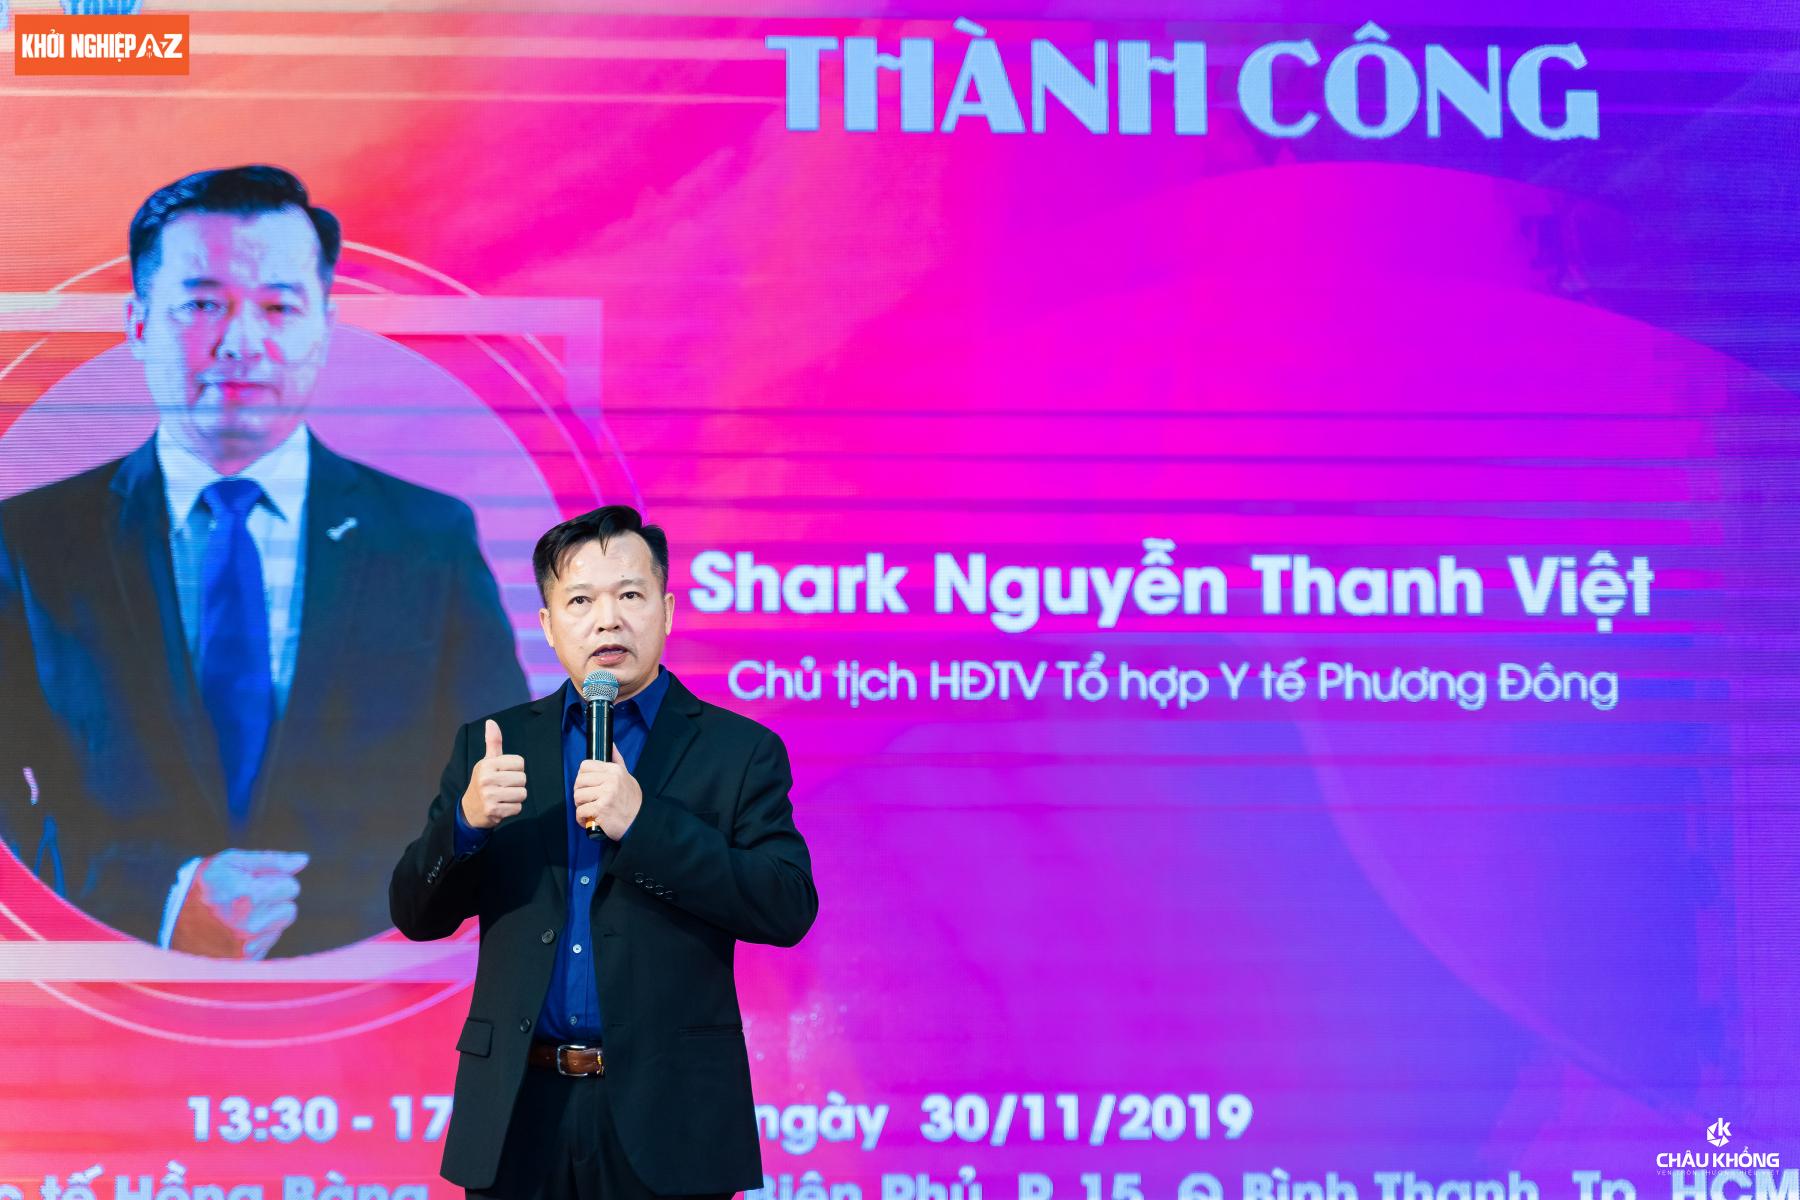 Highlight hội thảo Shark Việt - Những chia sẻ tâm huyết và đầy cảm hứng của Shark Nguyễn Thanh Việt dành cho doanh nhân, Startup